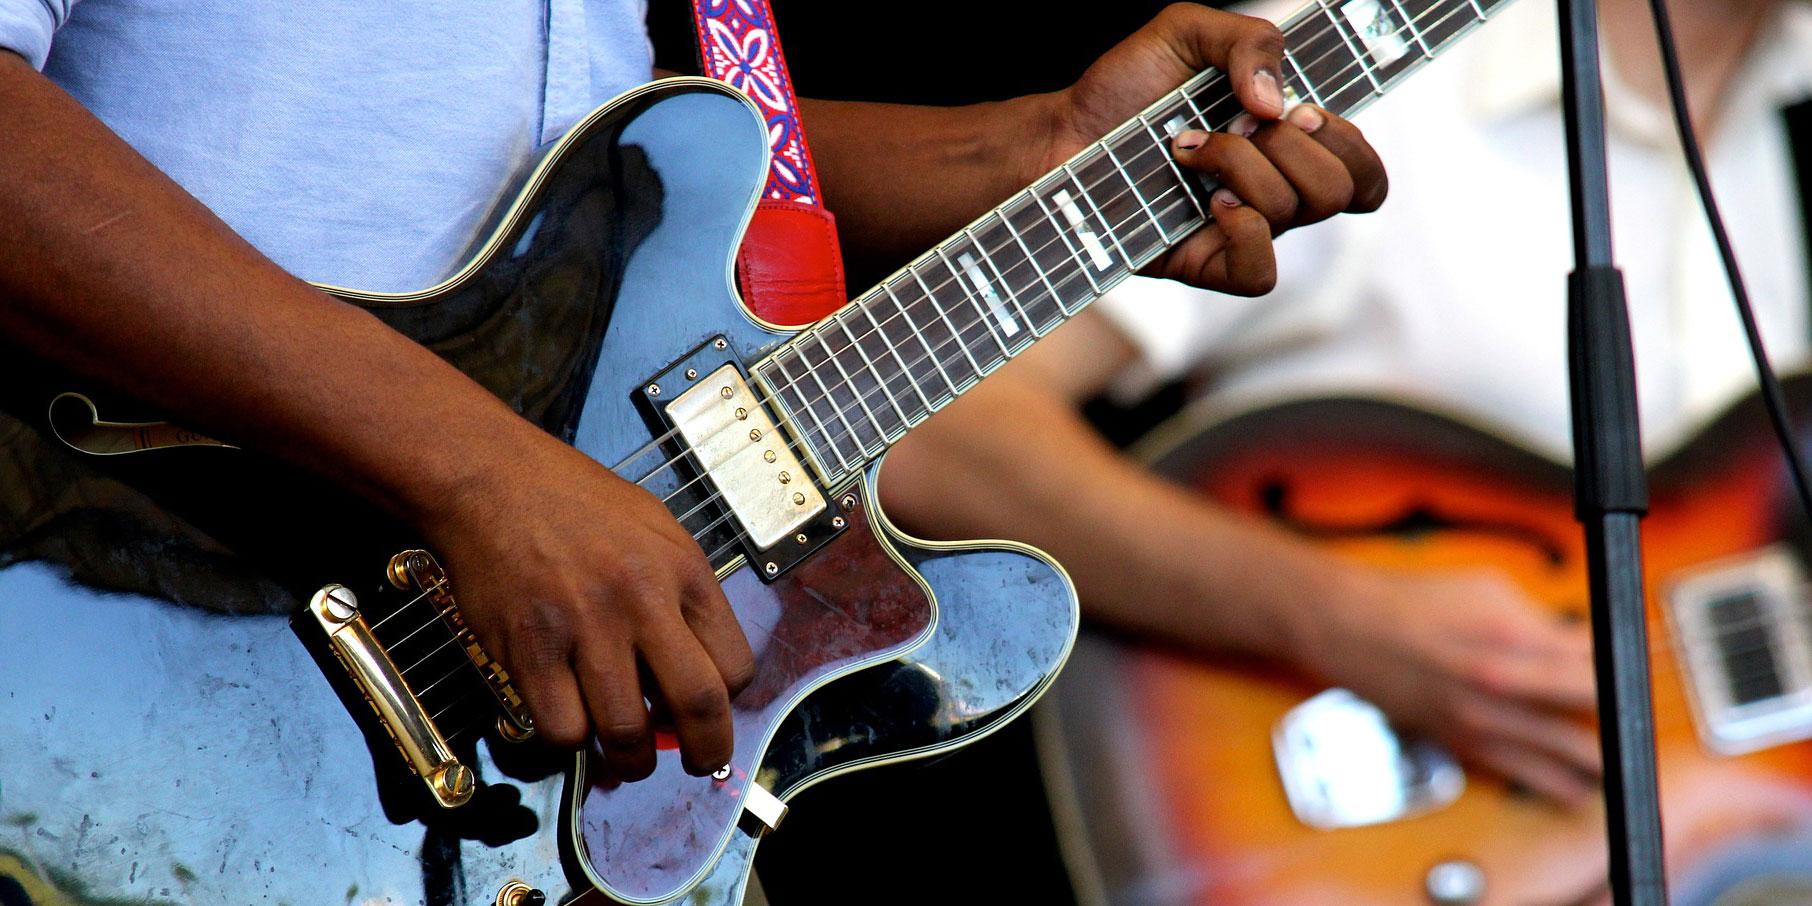 ジャズギター教室 - 名古屋栄店